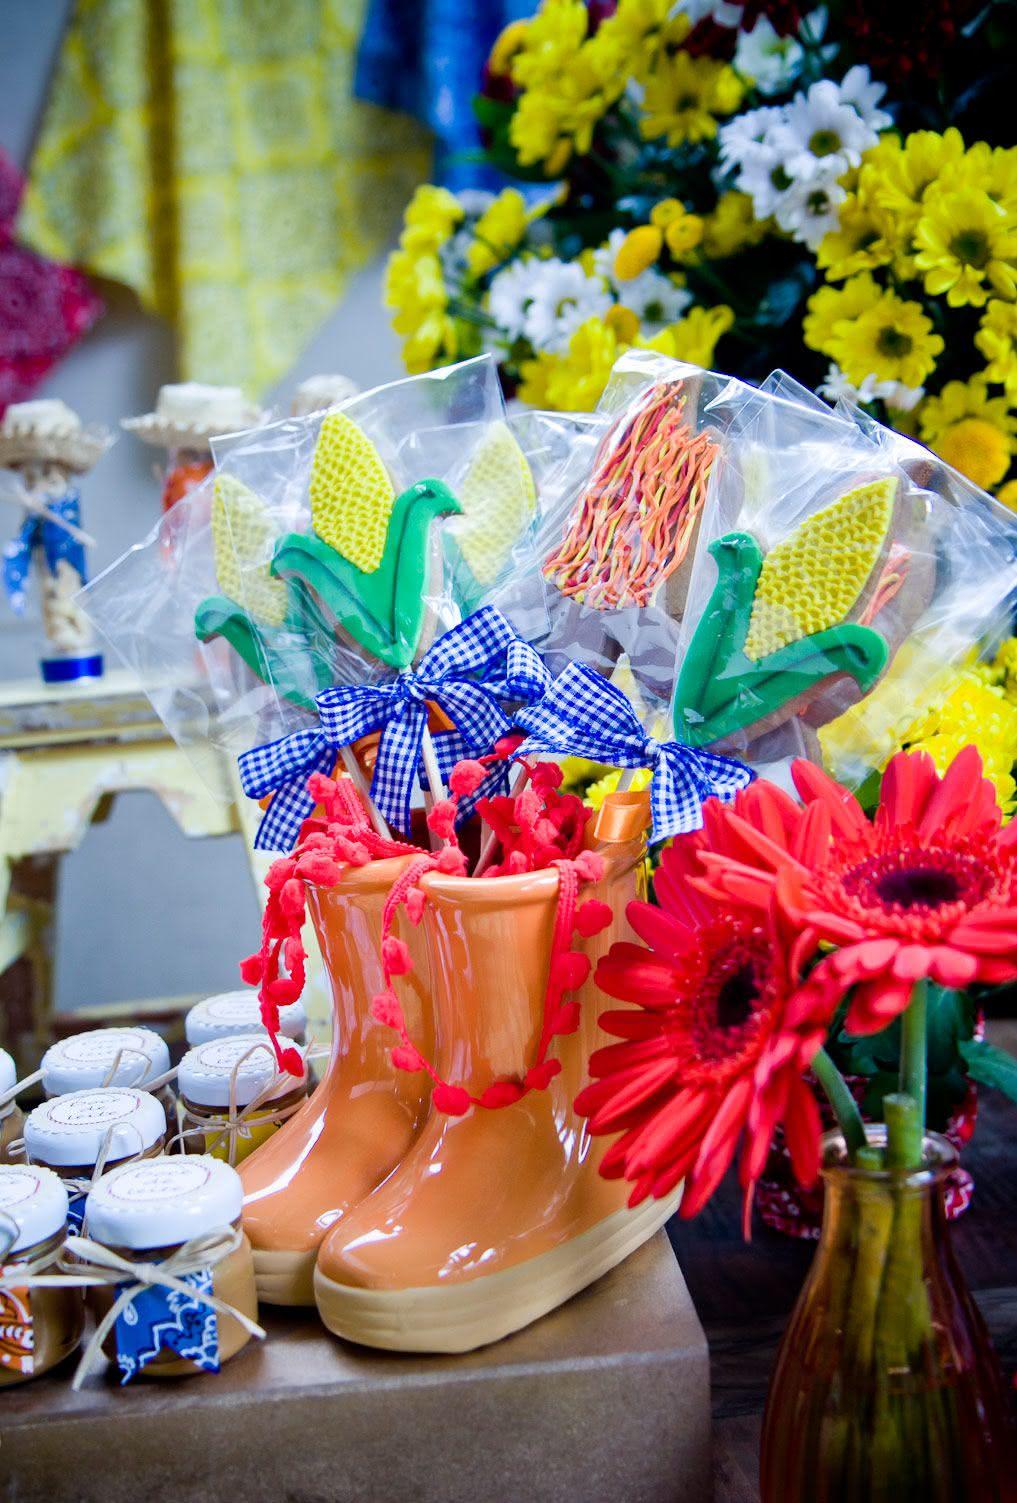 Vaso de botas caipira na decoração de festa junina